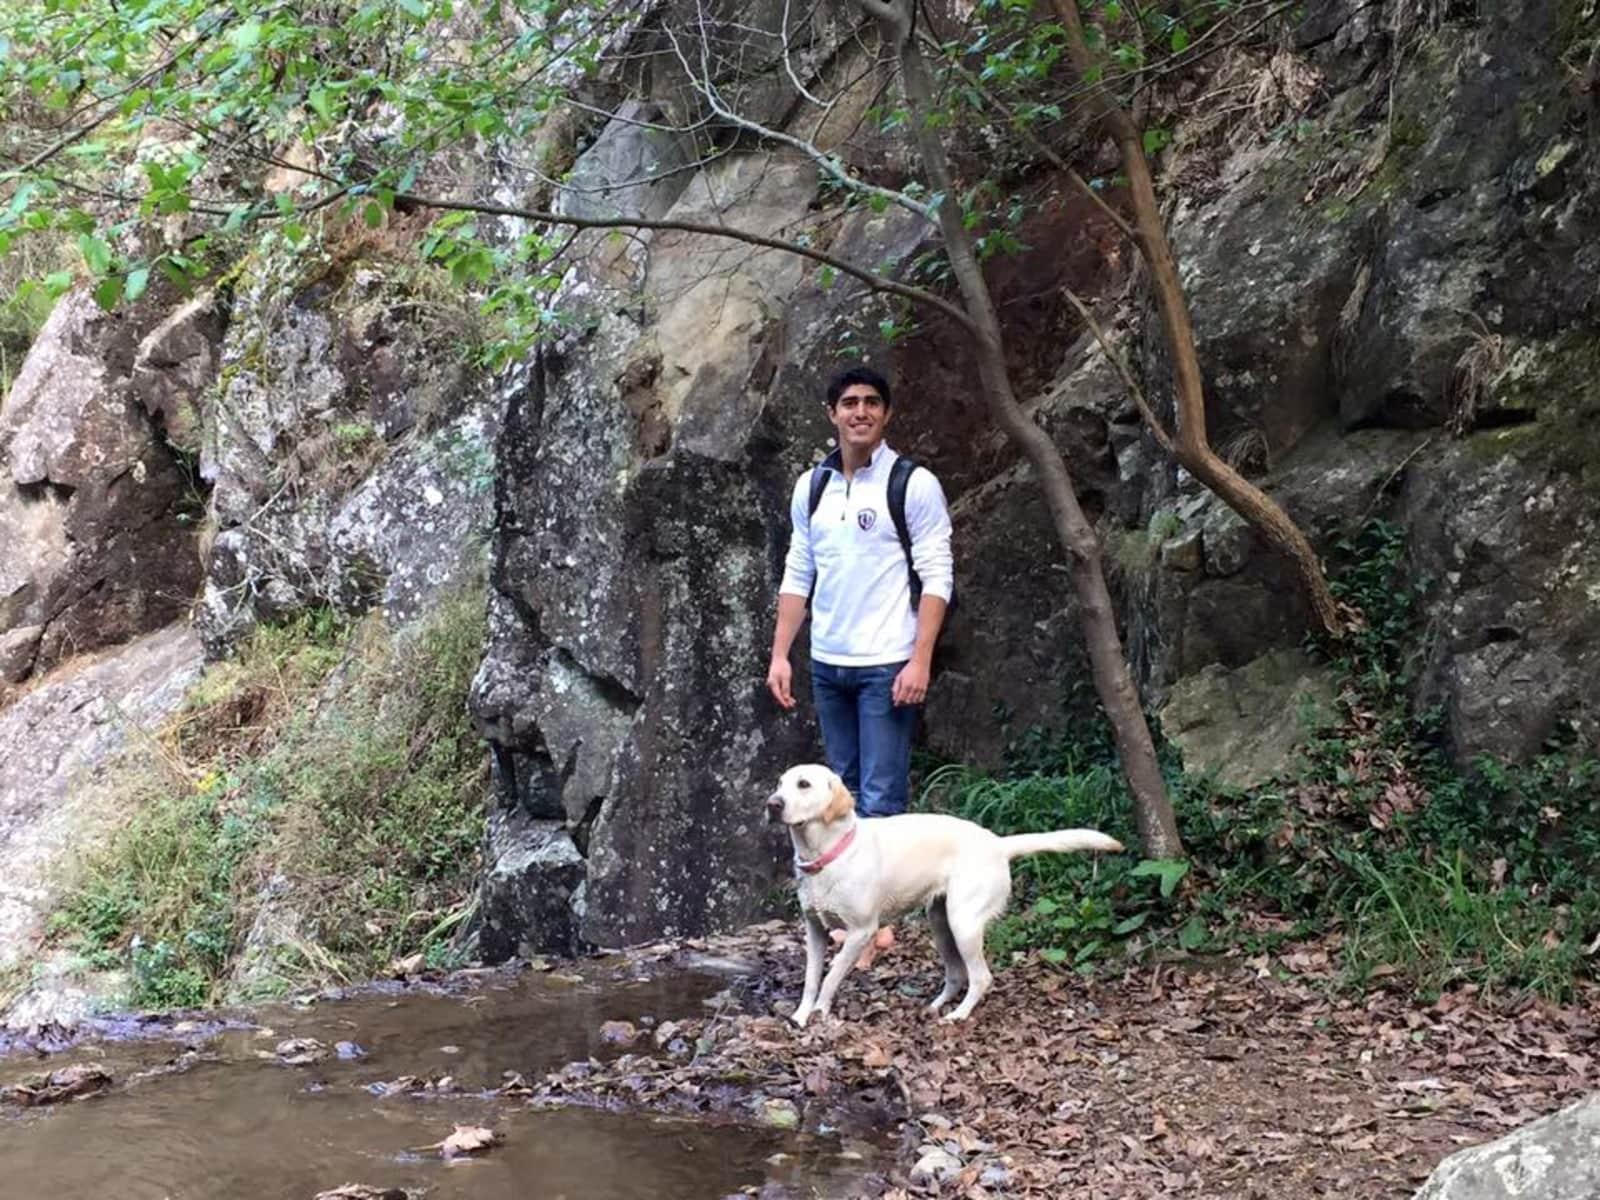 Raul from Santiago de Querétaro, Mexico